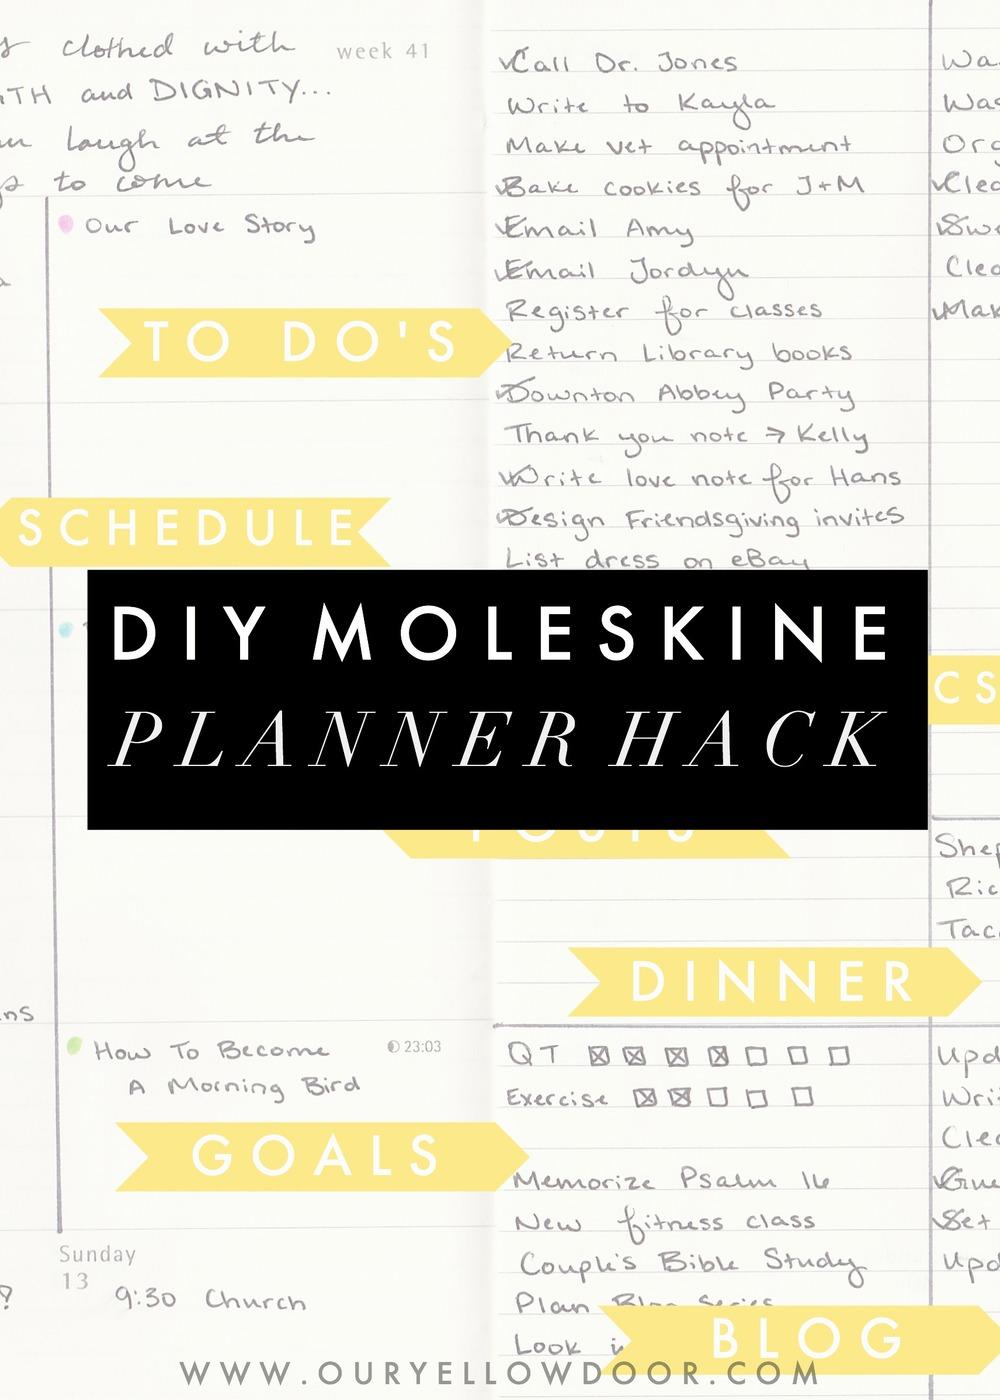 DIY-Moleskine-Planner-Hack-Ideas.jpg